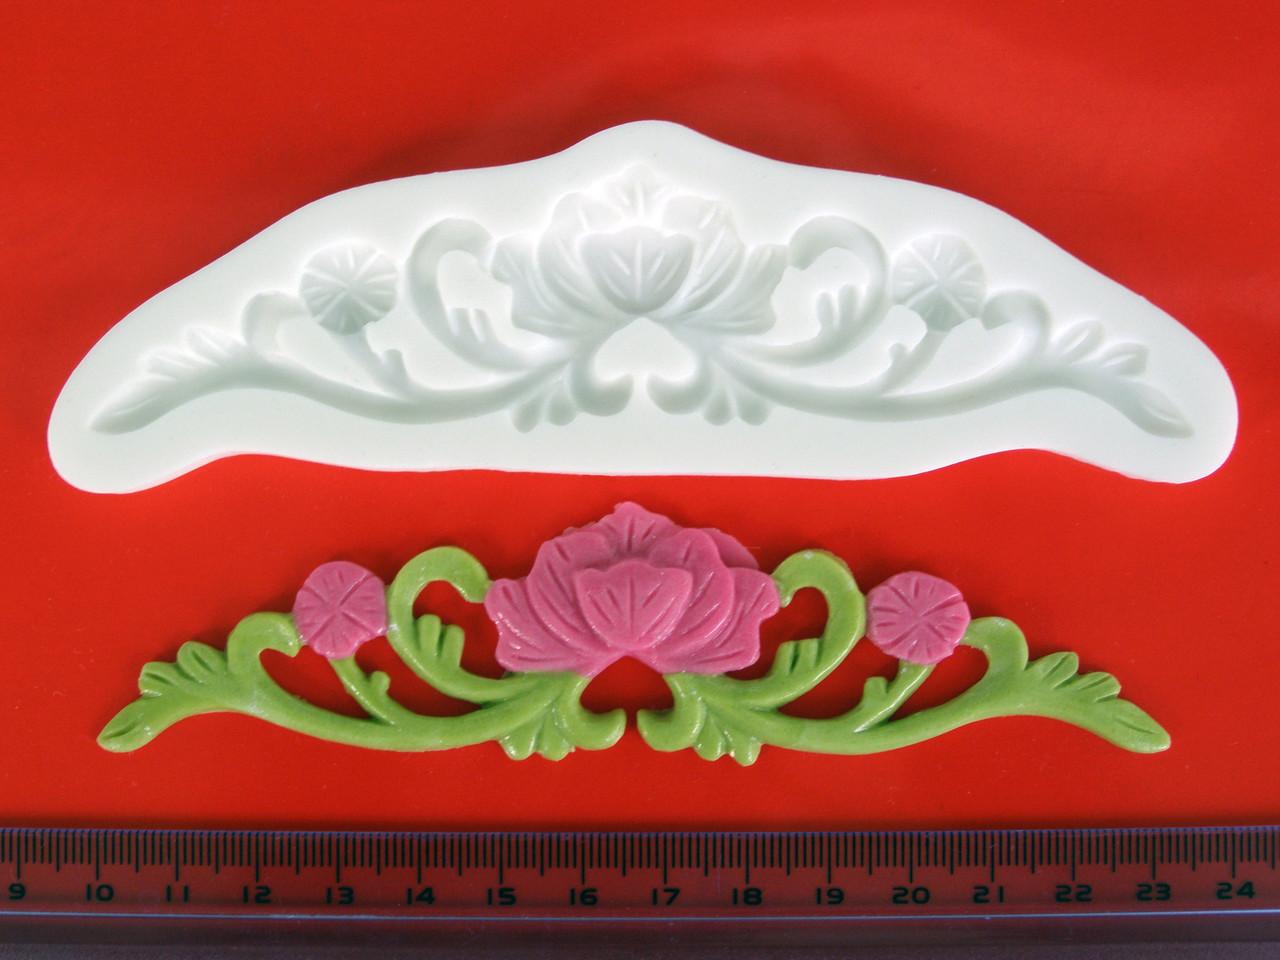 Фигурки и цветы из мастики купить харькове — pic 2